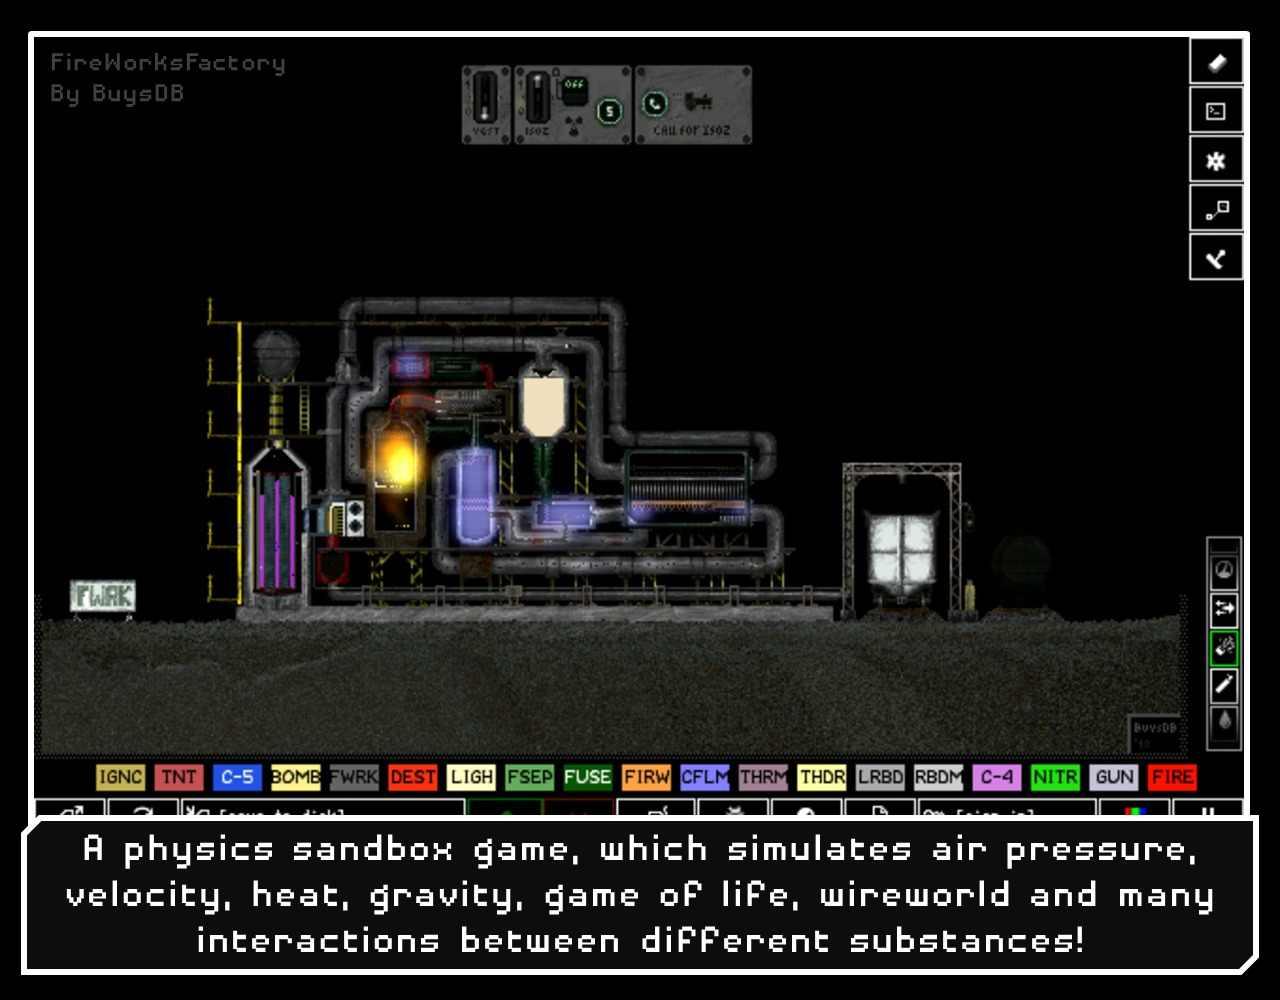 物理沙盒模拟安卓游戏